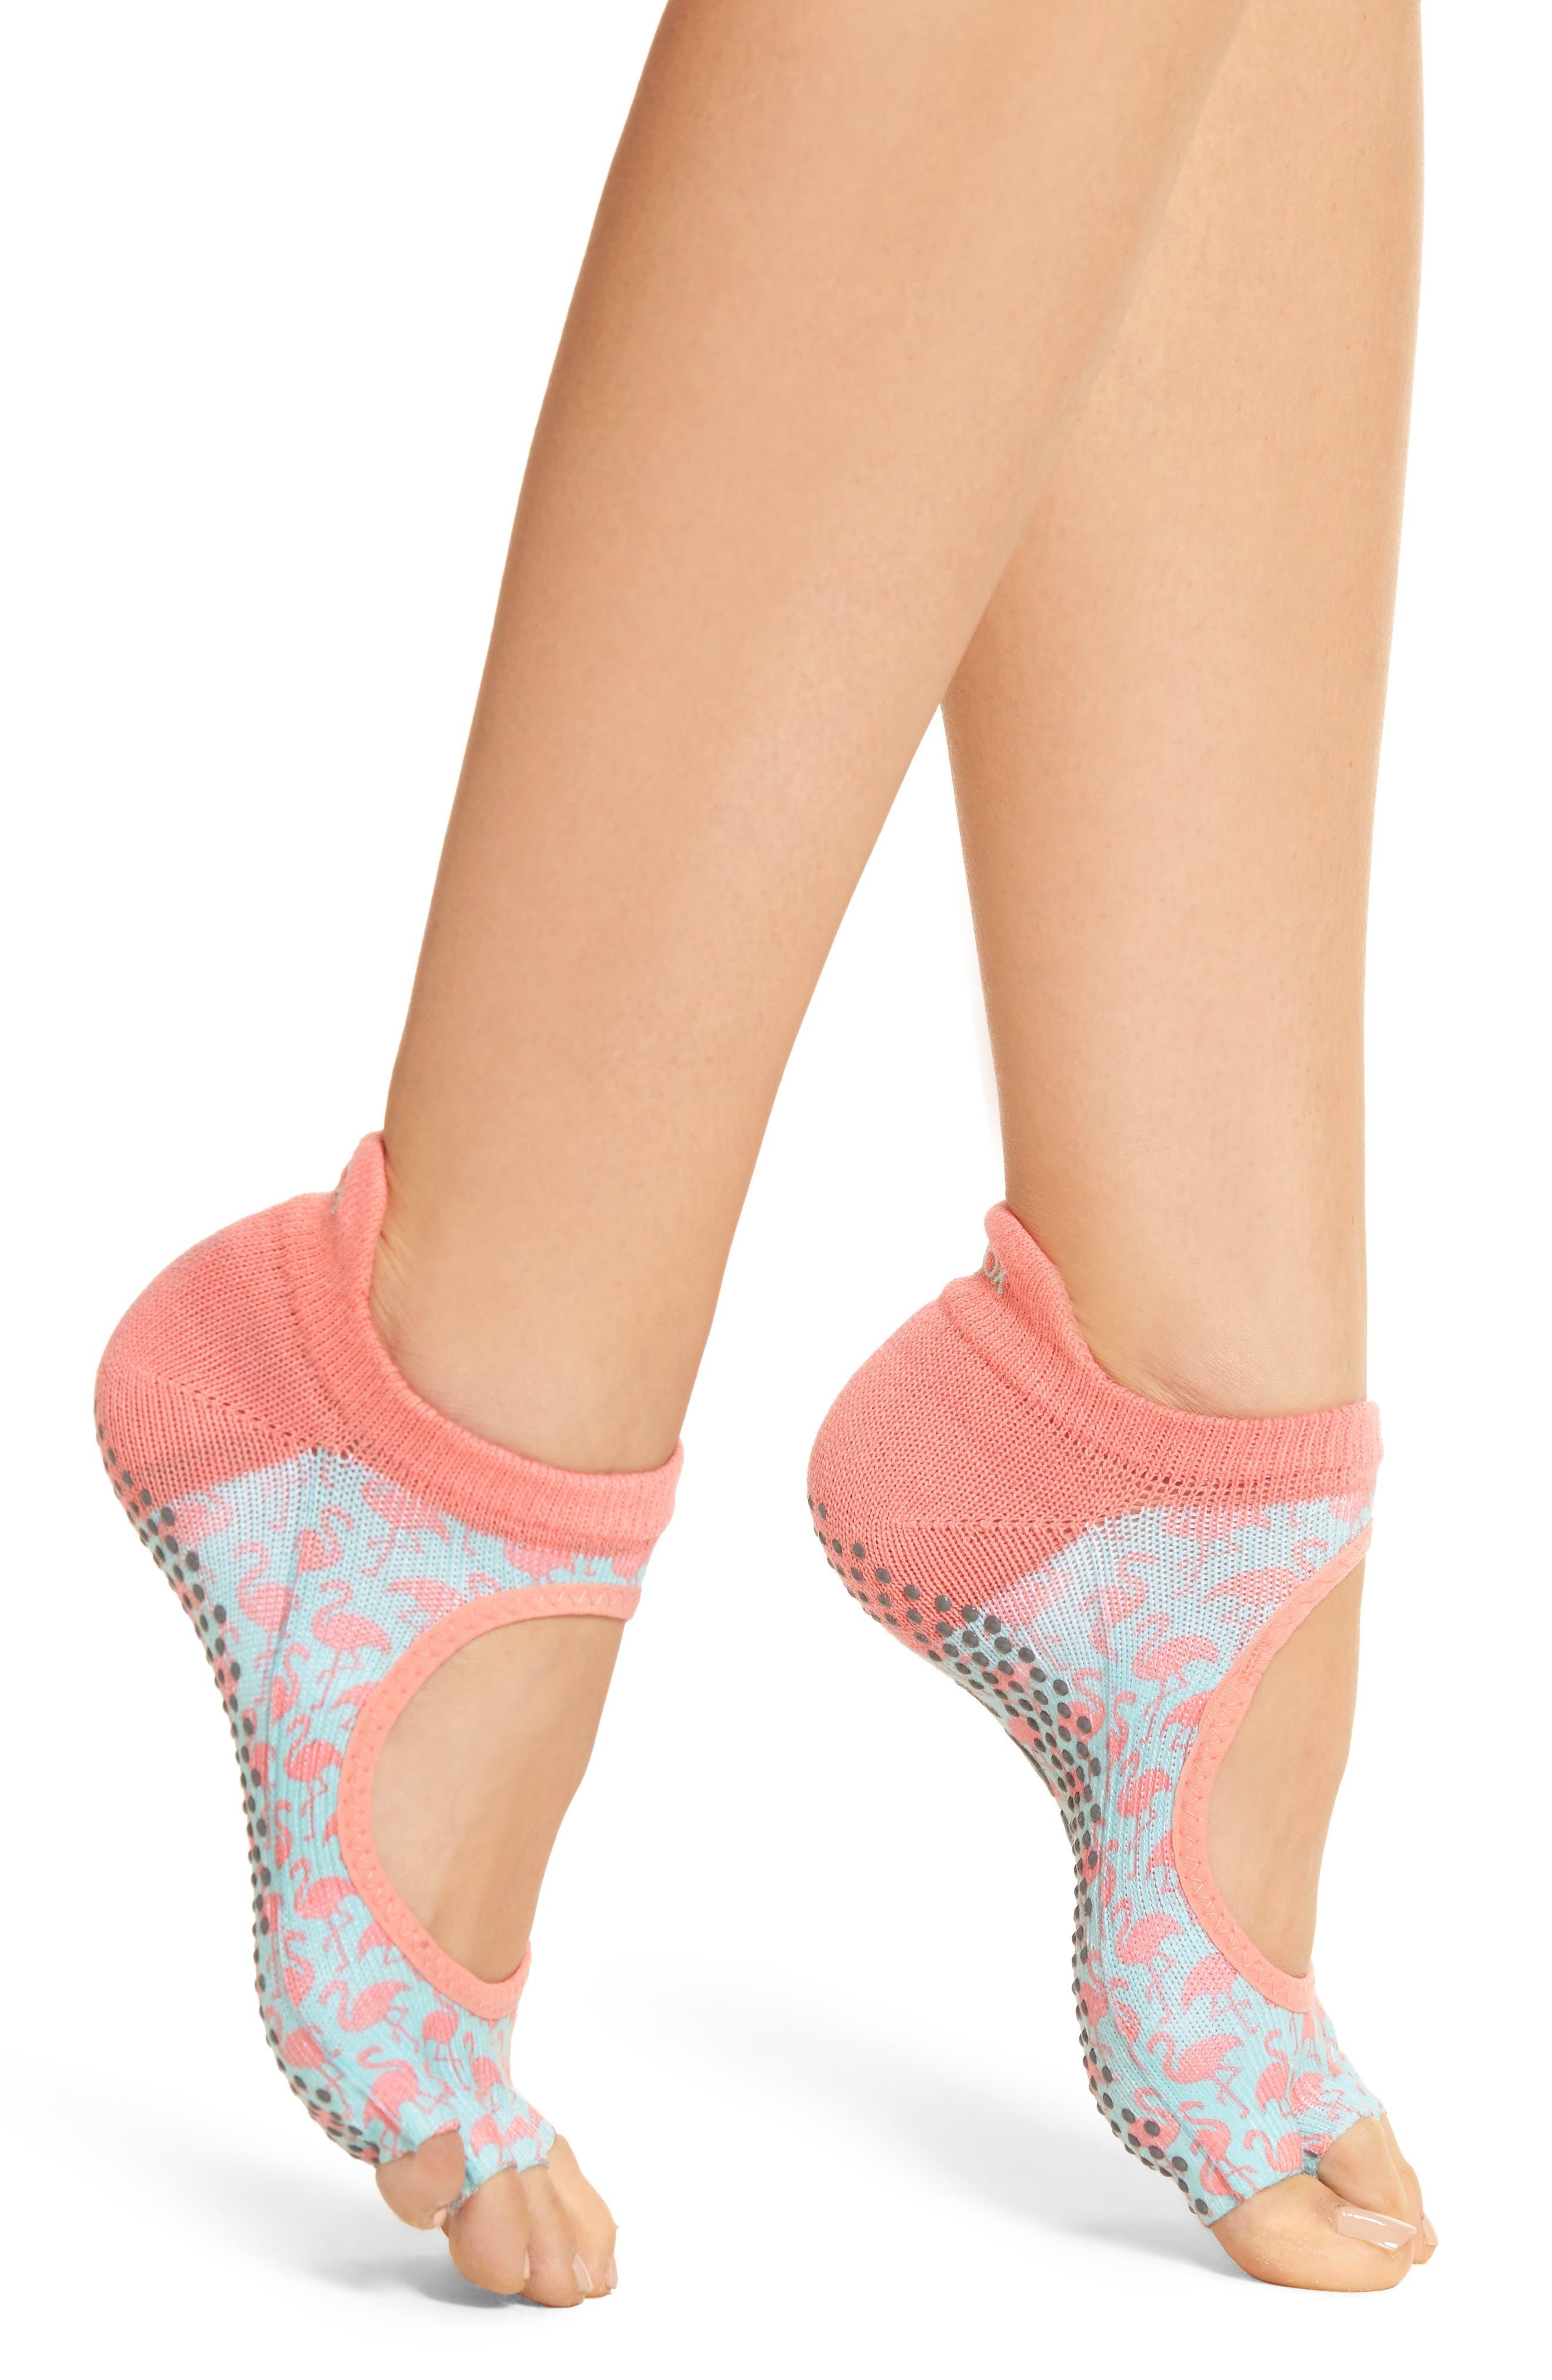 Main Image - ToeSox Bellarina Half Toe Gripper Socks